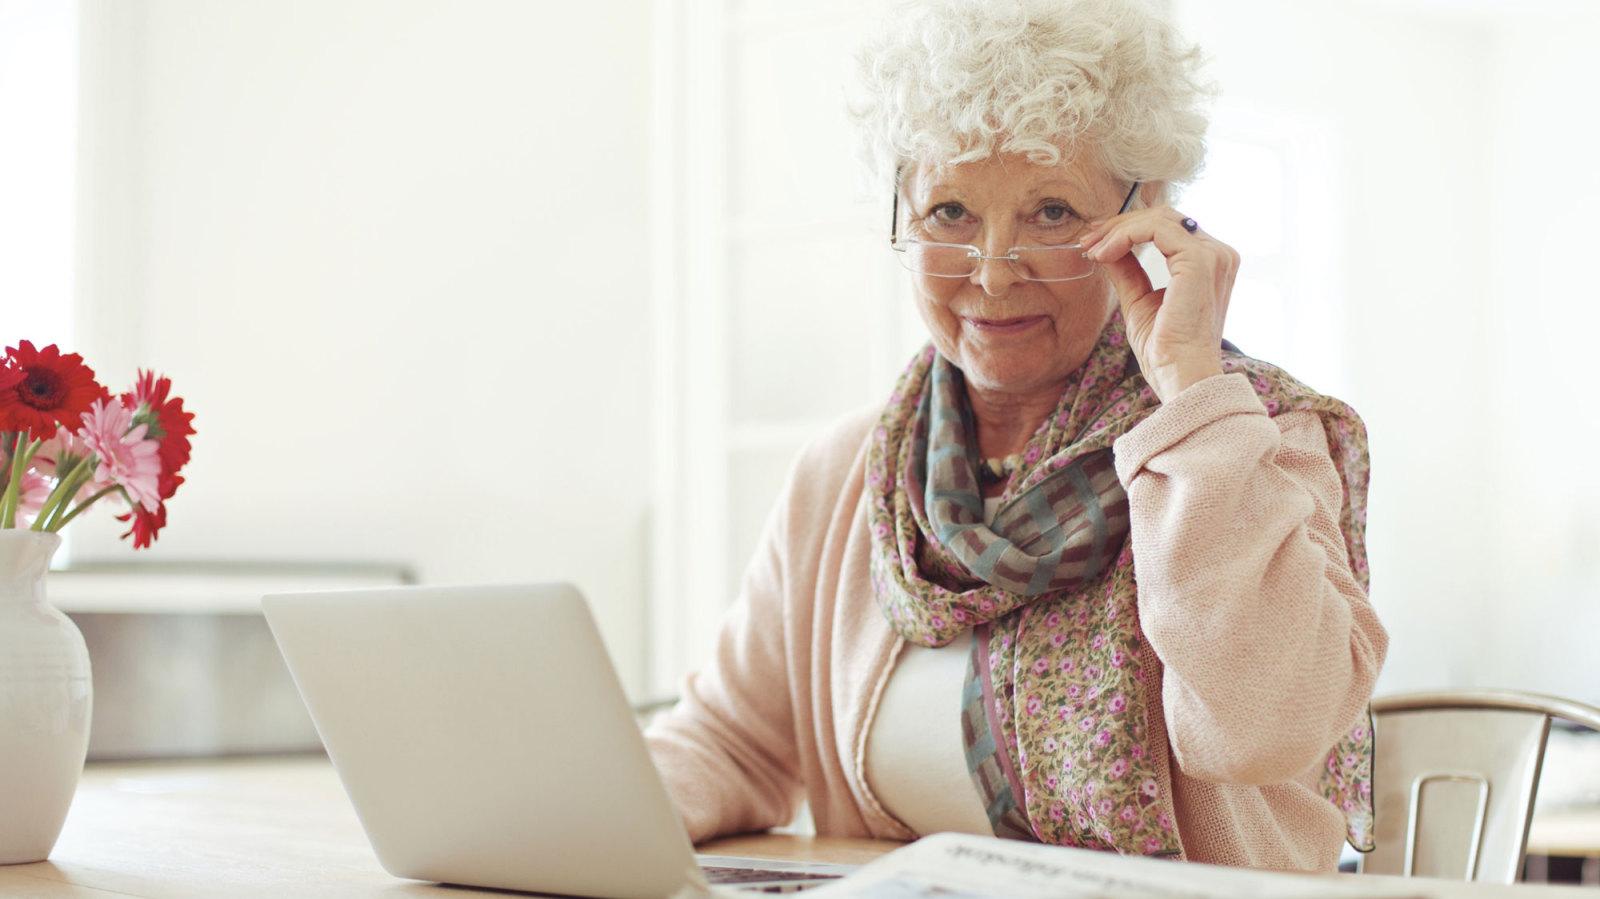 работать ли на пенсии